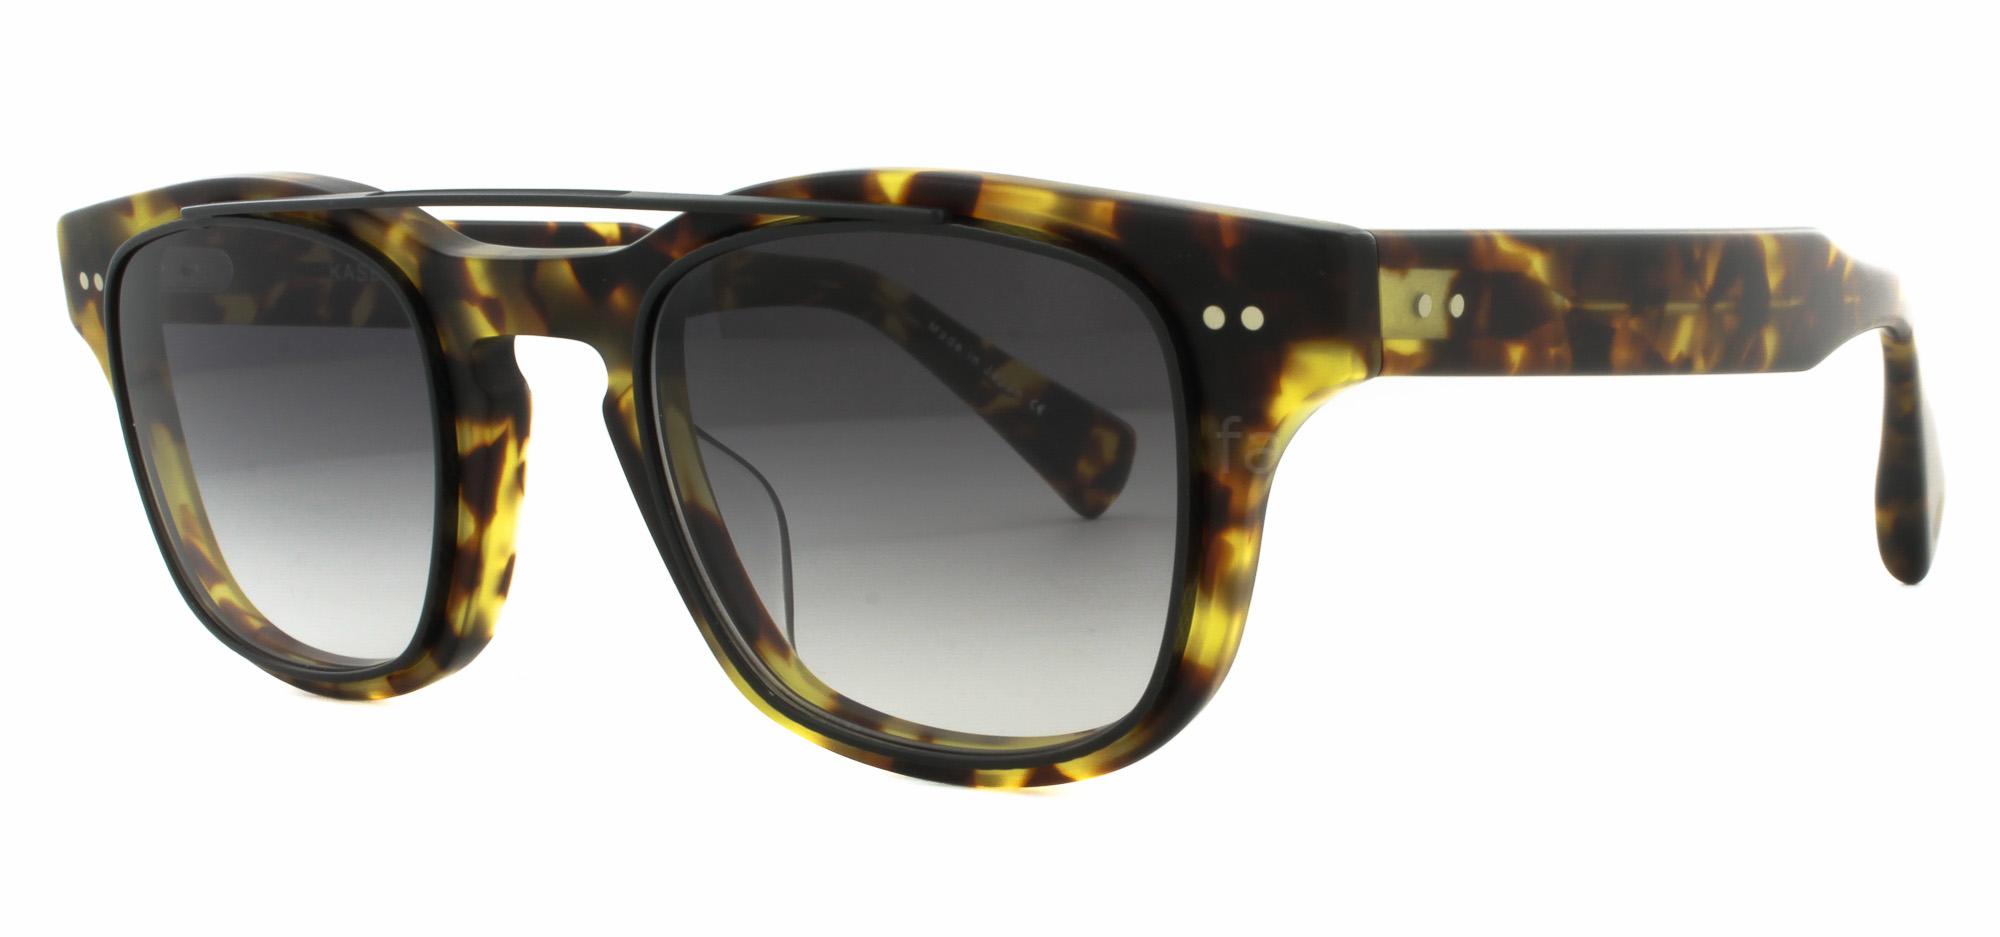 3d004e93e0c8 Dita Sunglasses - Discount Designer Sunglasses